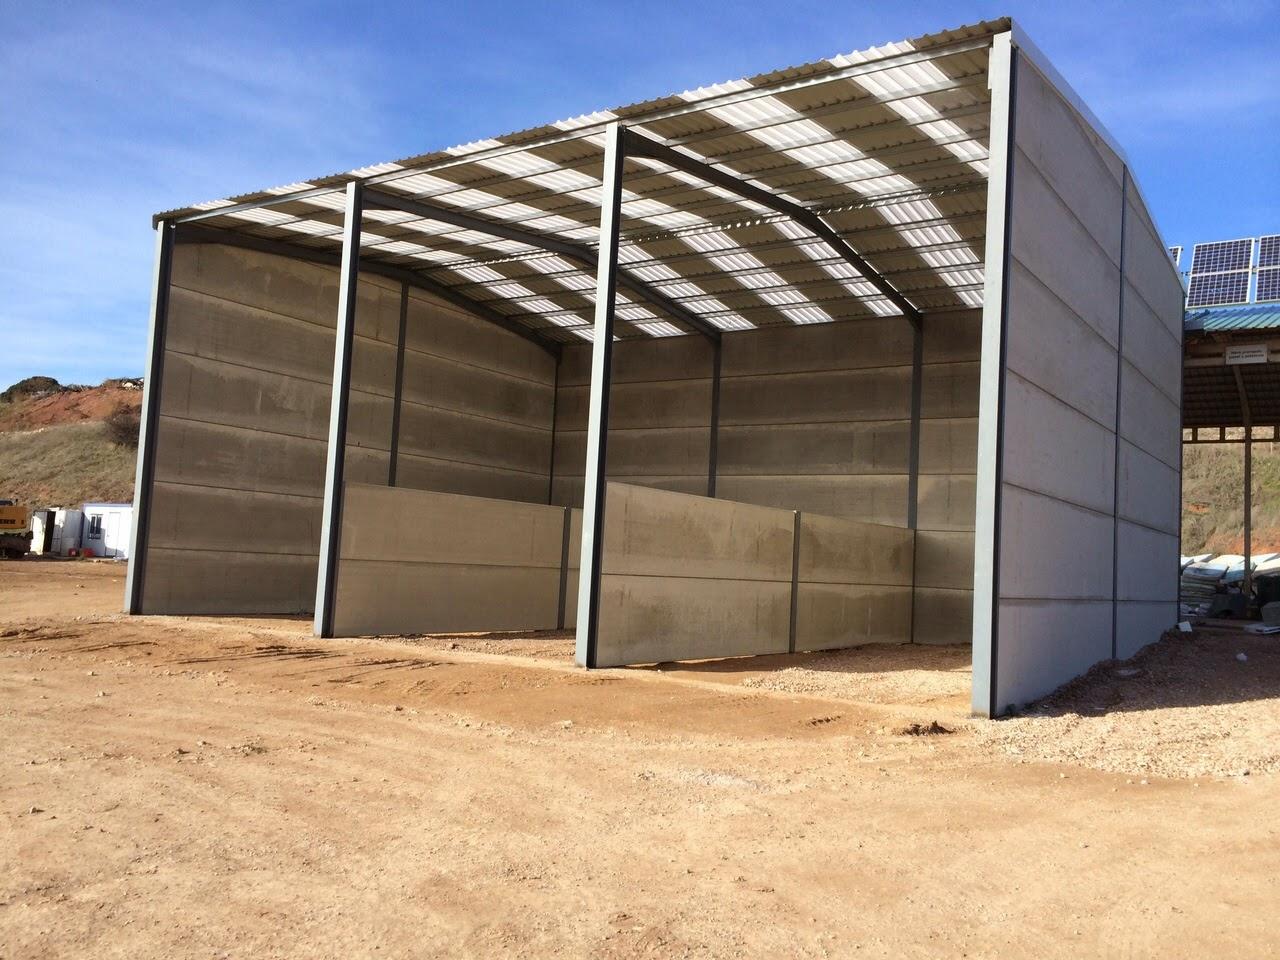 Separadores de hormig n doble muro en hormig n o muros de for Prefabricados de hormigon precios